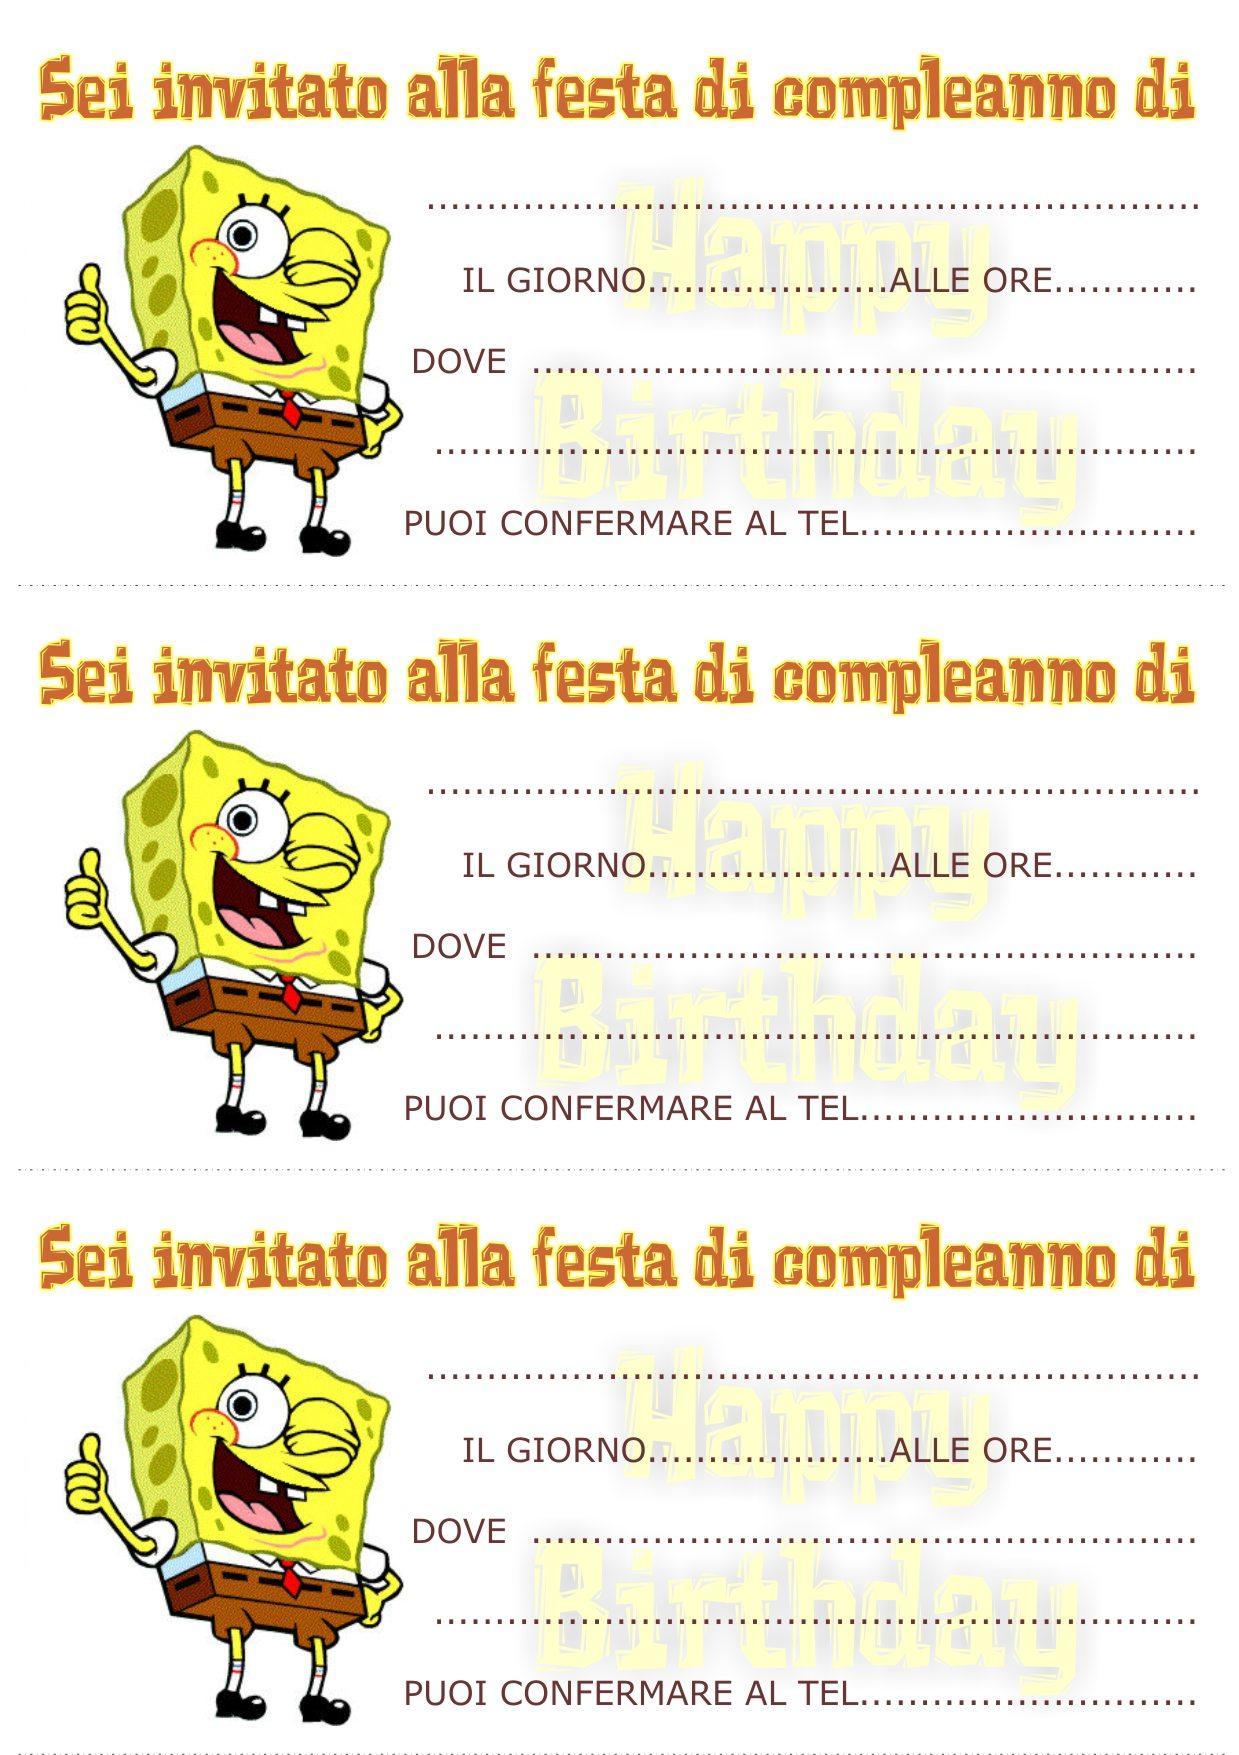 Molto biglietti-invito-compleanno-spongebob mod - Bimbi di Carta FQ15